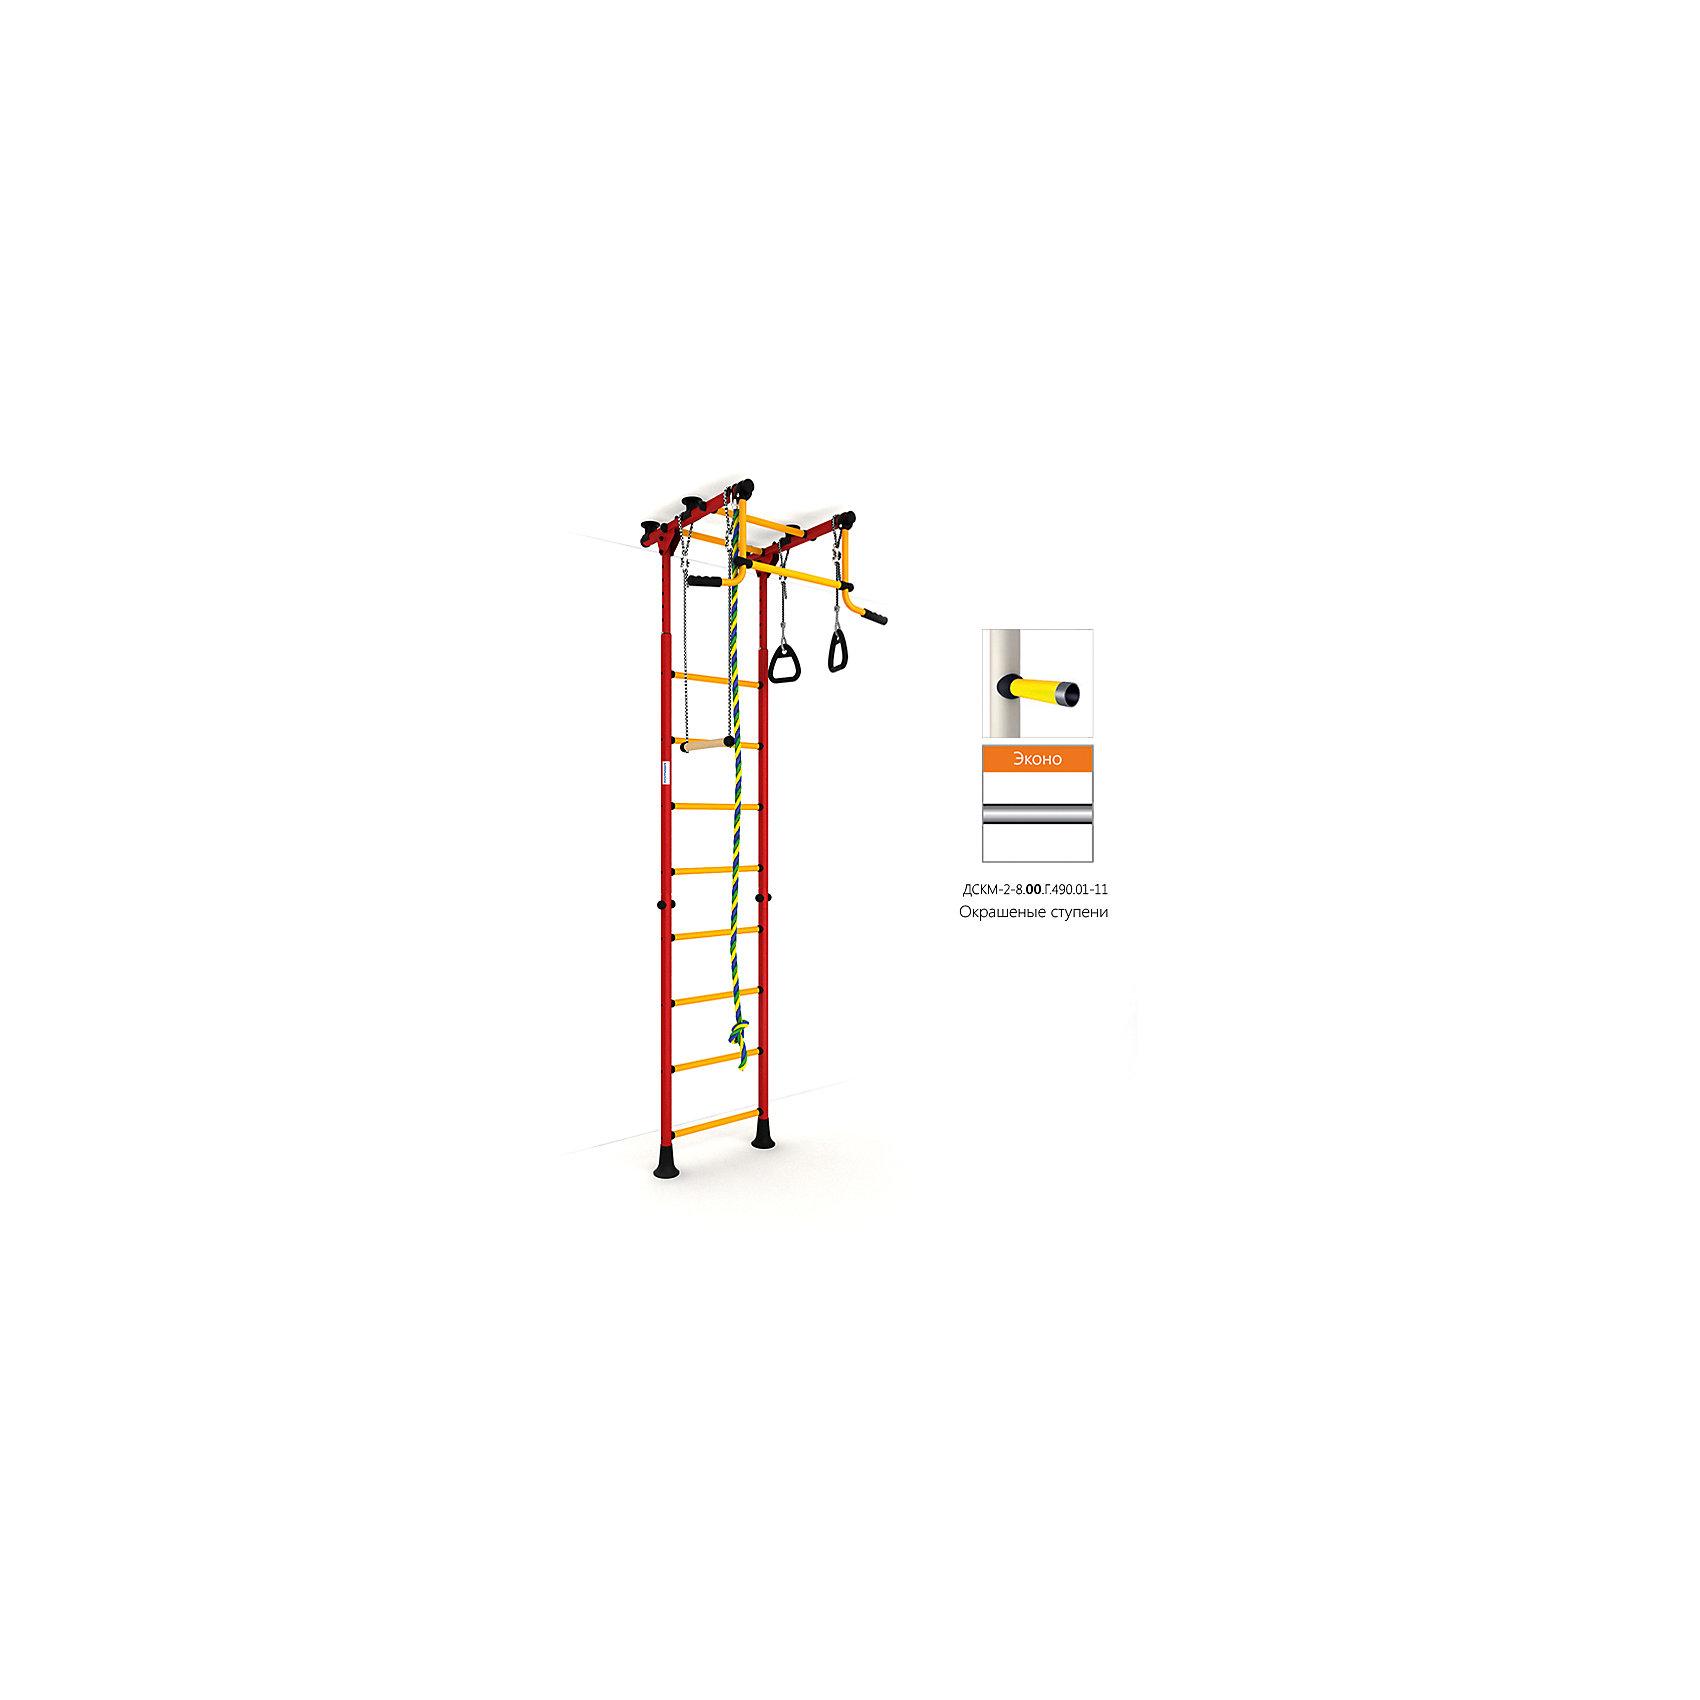 Шведская лестница Комета-2 Эконо, красный-желтыйШведские стенки<br>Вариант РОМАНА Карусель Комета-2 с окрашенными ступенями, без дополнительного покрытия – ЭКОНО<br><br>Ширина мм: 1160<br>Глубина мм: 610<br>Высота мм: 140<br>Вес г: 26000<br>Возраст от месяцев: 36<br>Возраст до месяцев: 192<br>Пол: Унисекс<br>Возраст: Детский<br>SKU: 5251559